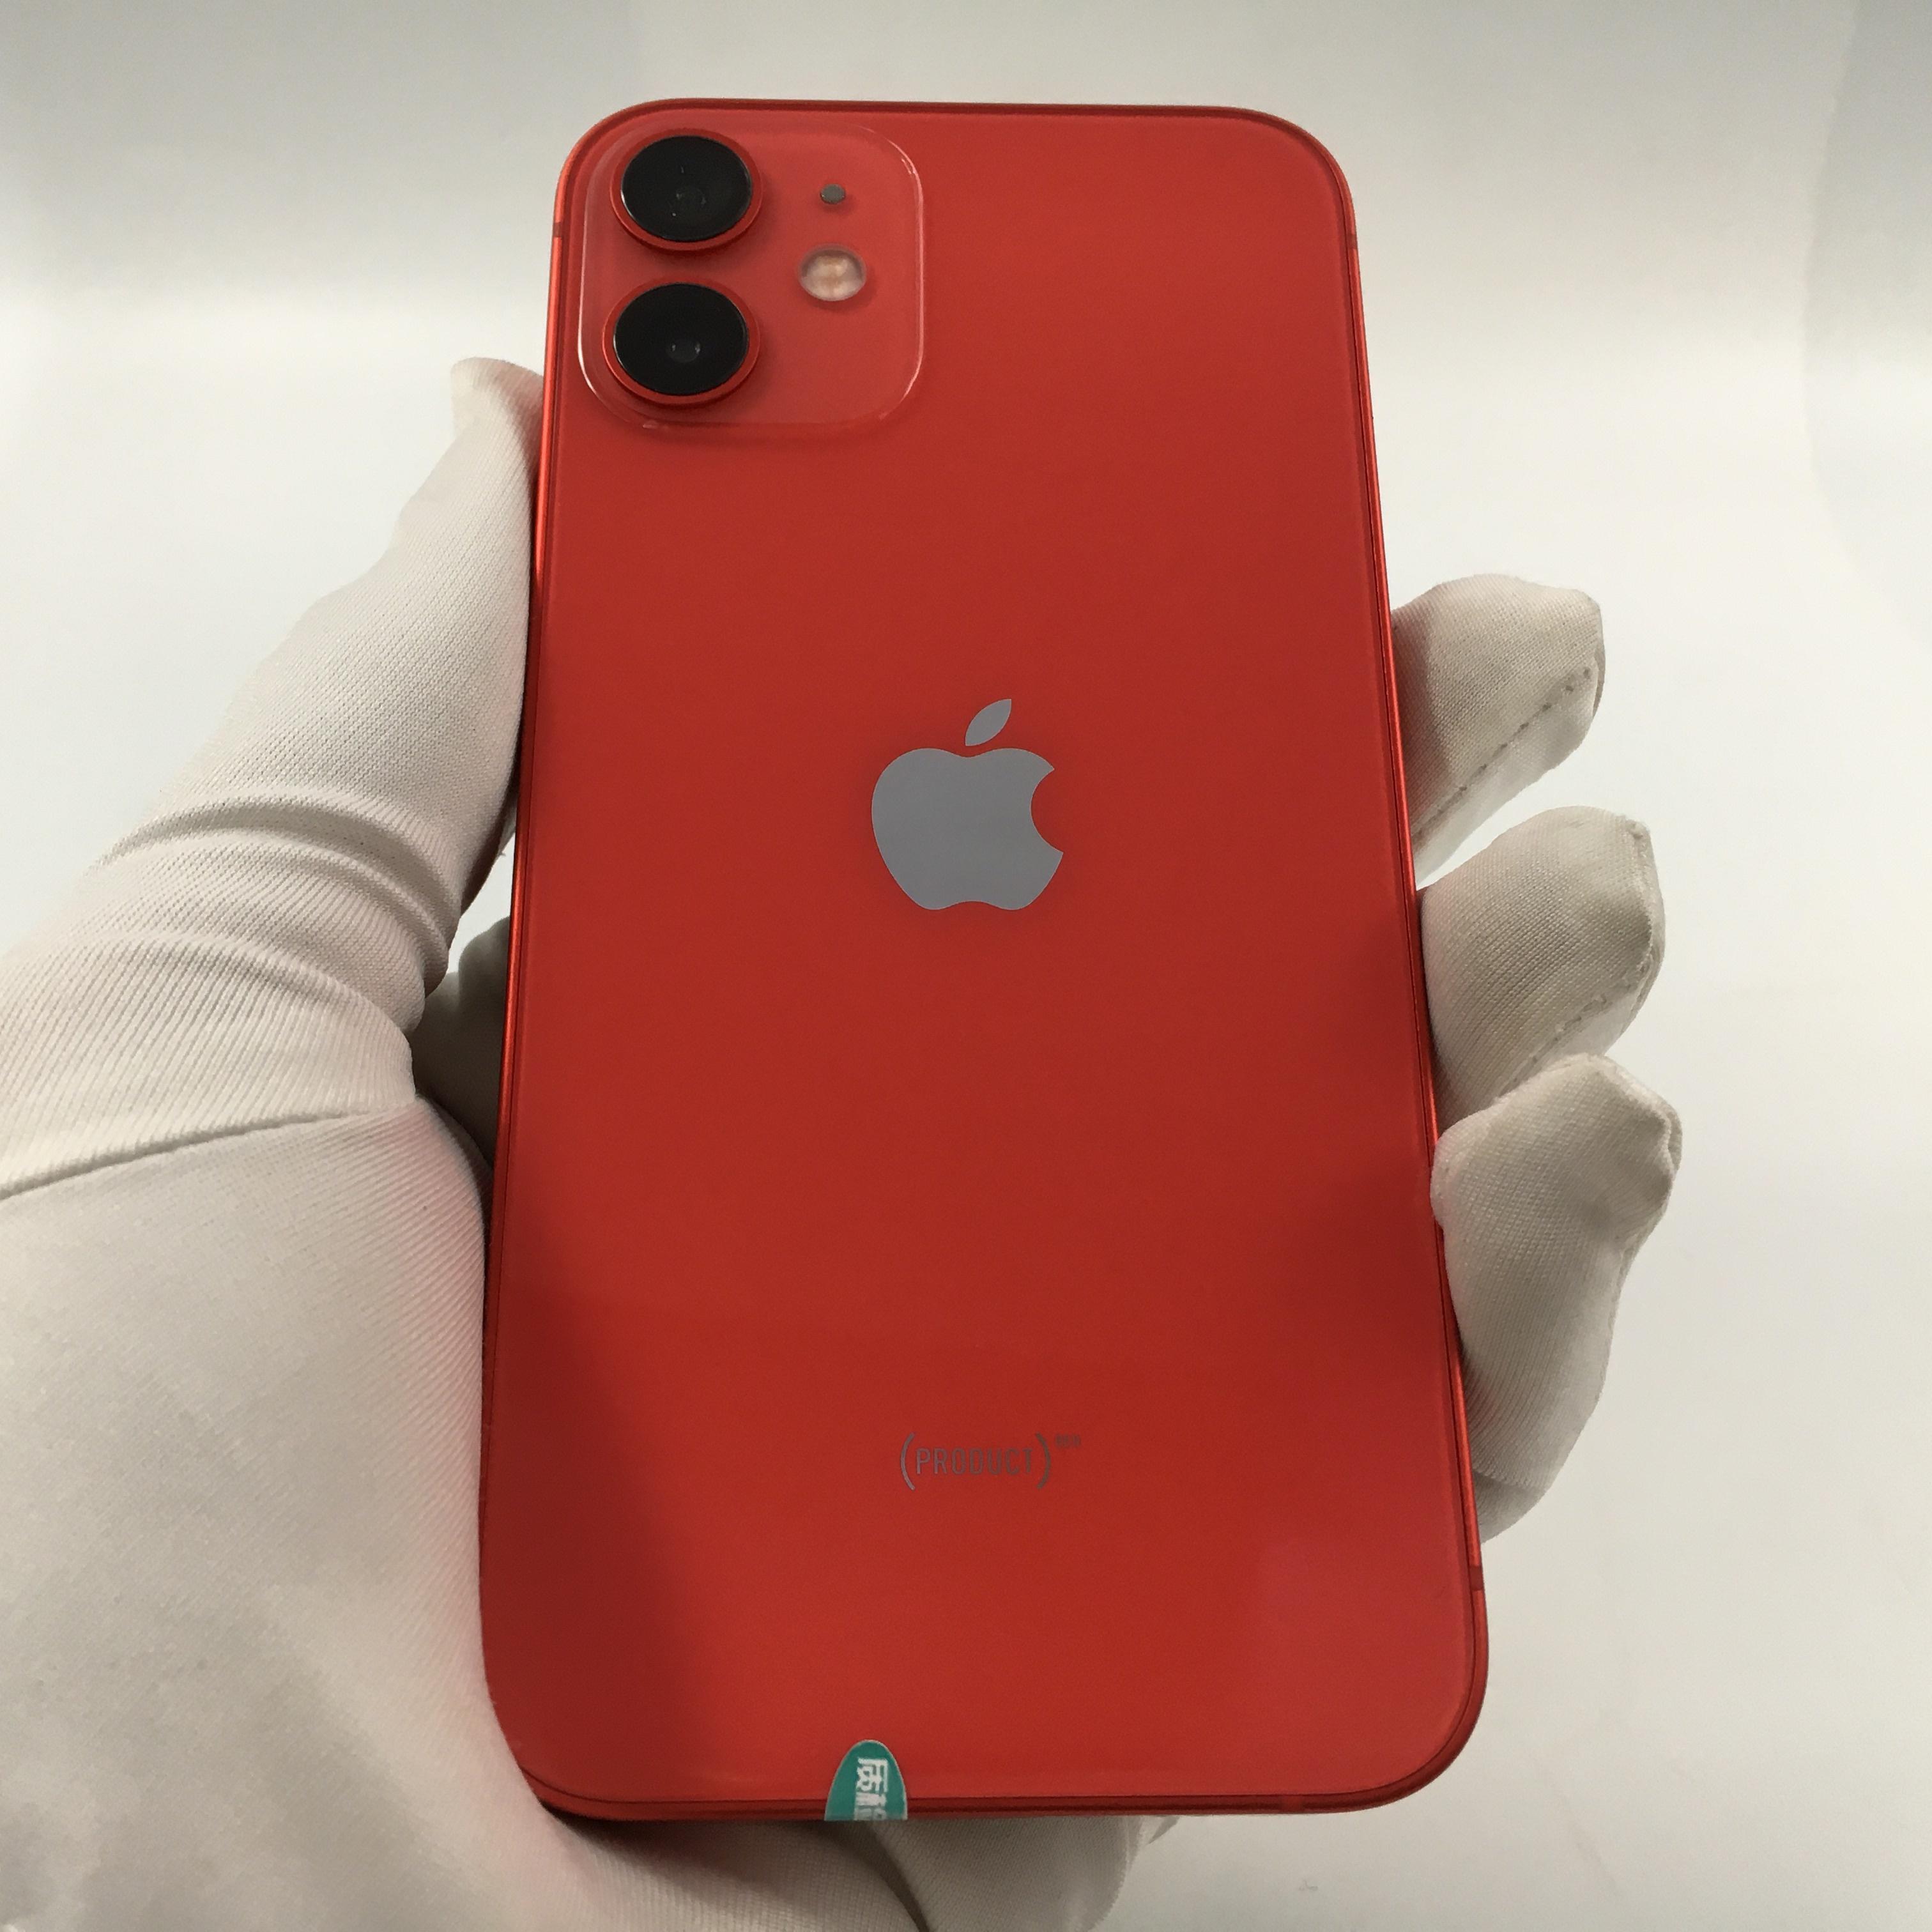 苹果【iPhone 12 mini】5G全网通 红色 256G 国行 95新